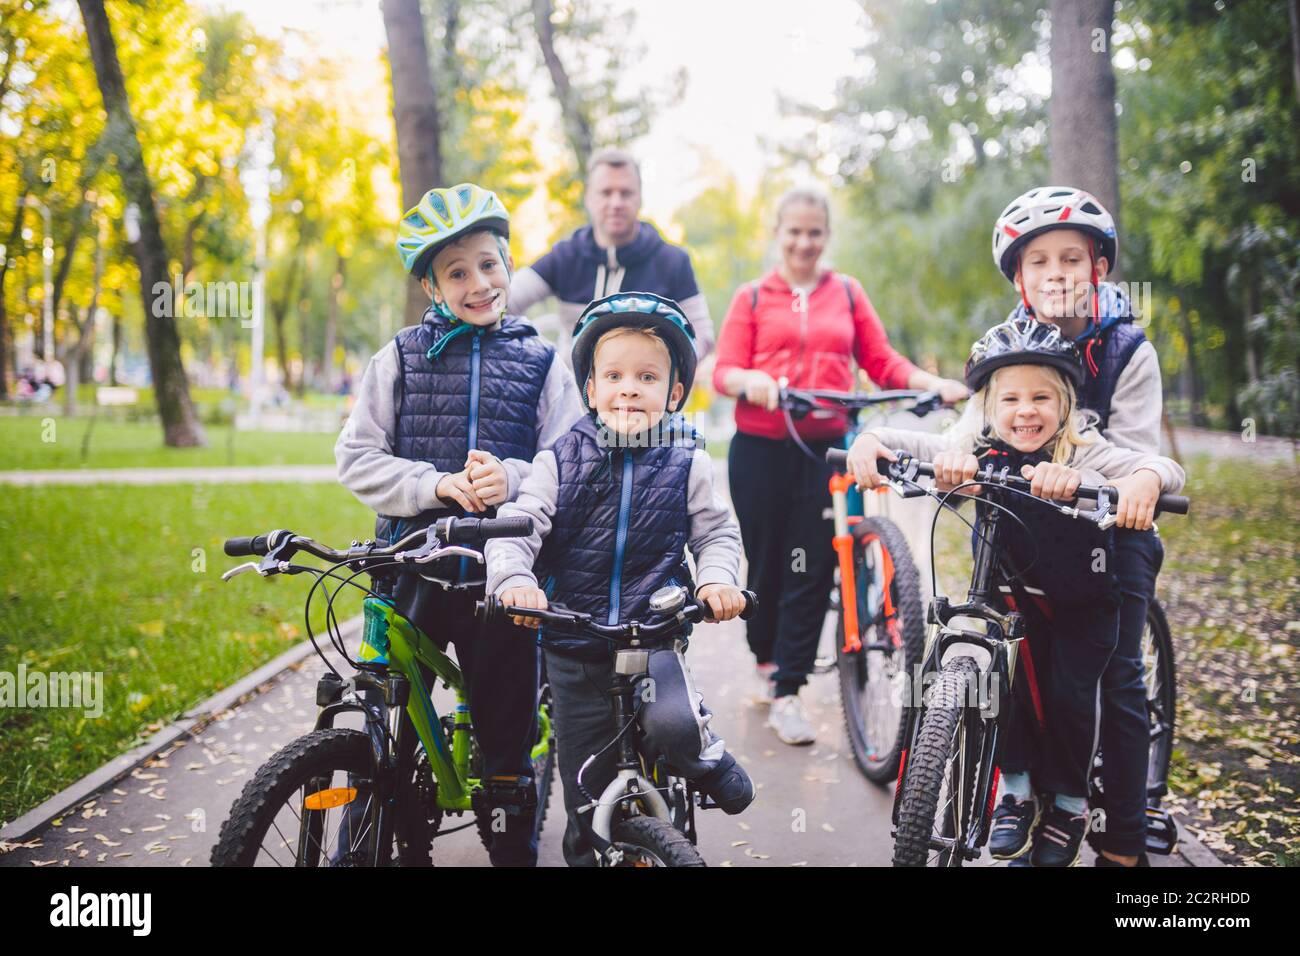 Thème vacances sportives familiales dans le parc dans la nature. Grande famille caucasienne sympathique de six personnes à vélo de montagne équitation dans la forêt. Chil Banque D'Images